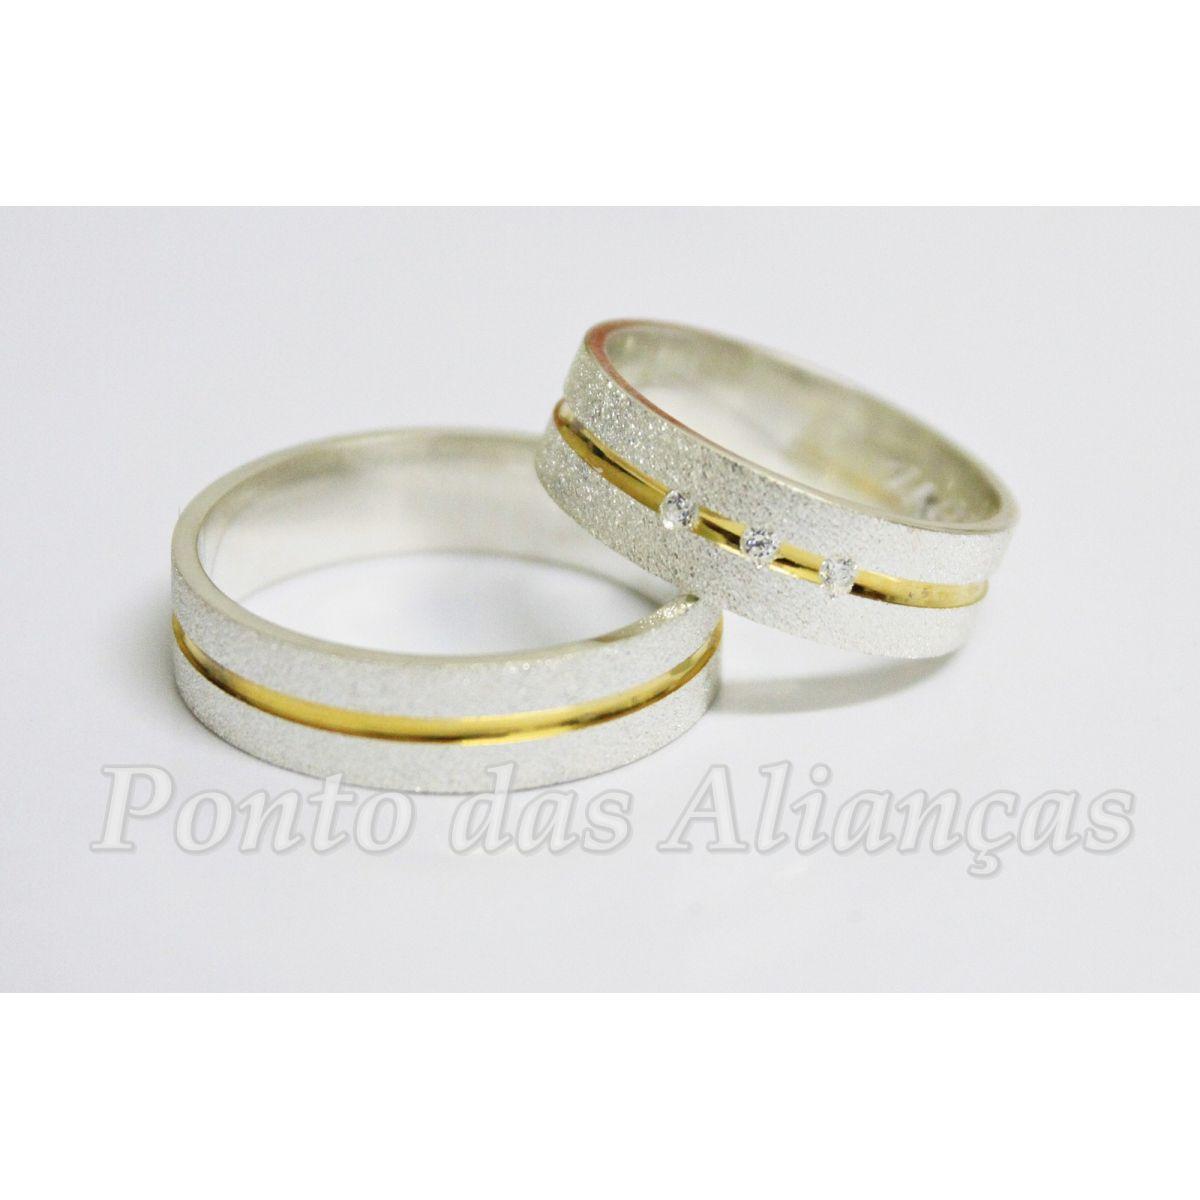 Alianças de Prata Compromisso - Noivado  -3033